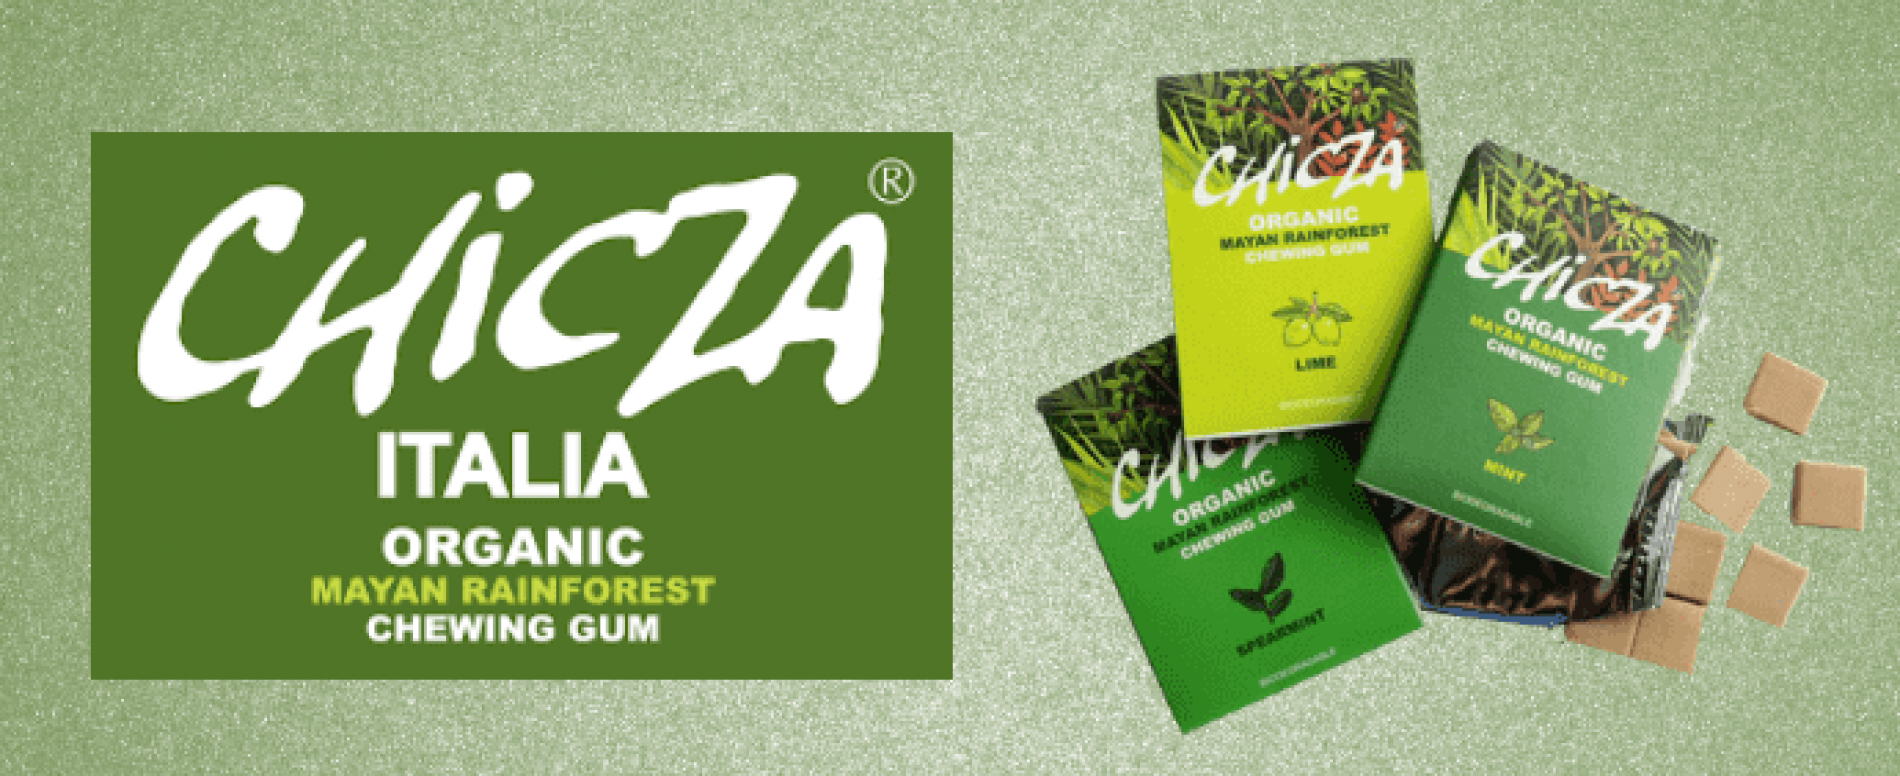 La EcolBio premiata per Chicza, il chewing-gum 100% biologico